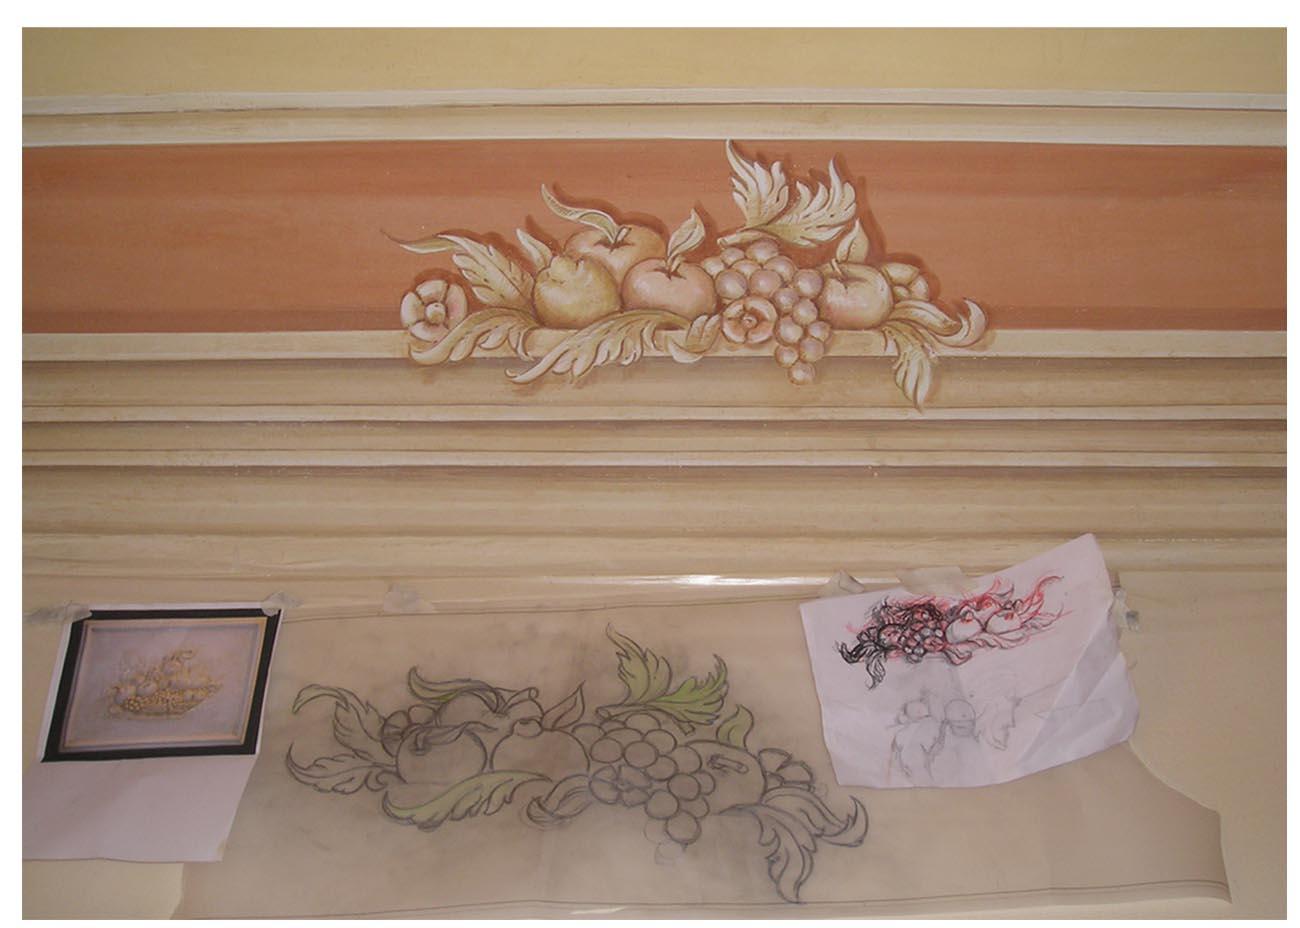 Decorazioni arredamento d 39 interni restauri e ripristini - Blog decorazione interni ...